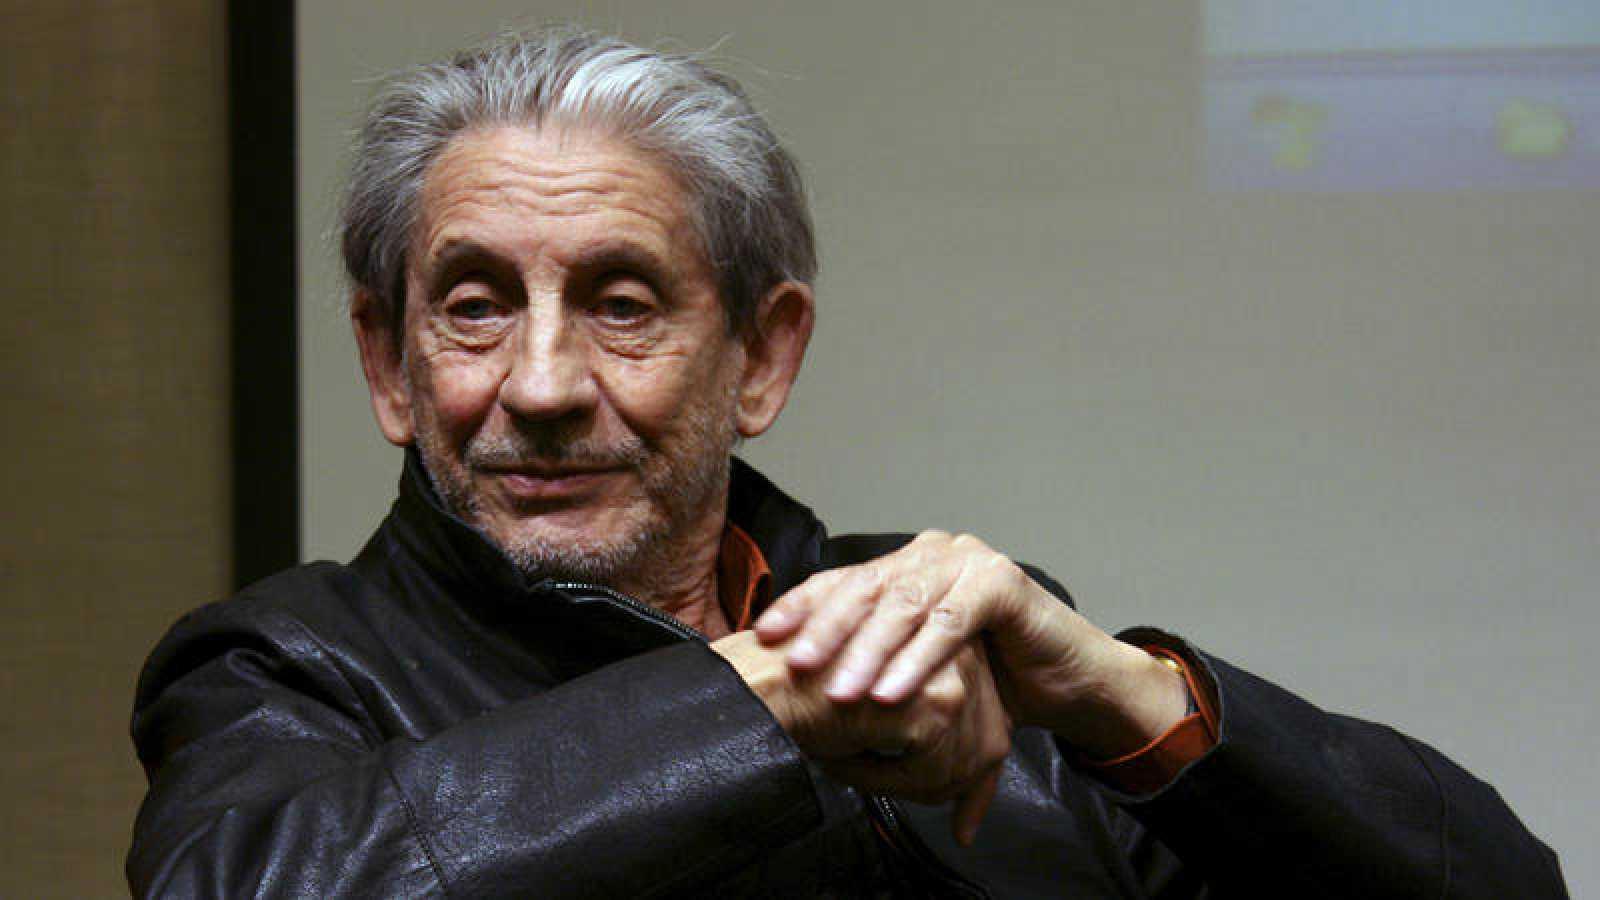 El cineasta salamantino Basilio Martín Pinto ha fallecido a los 86 años